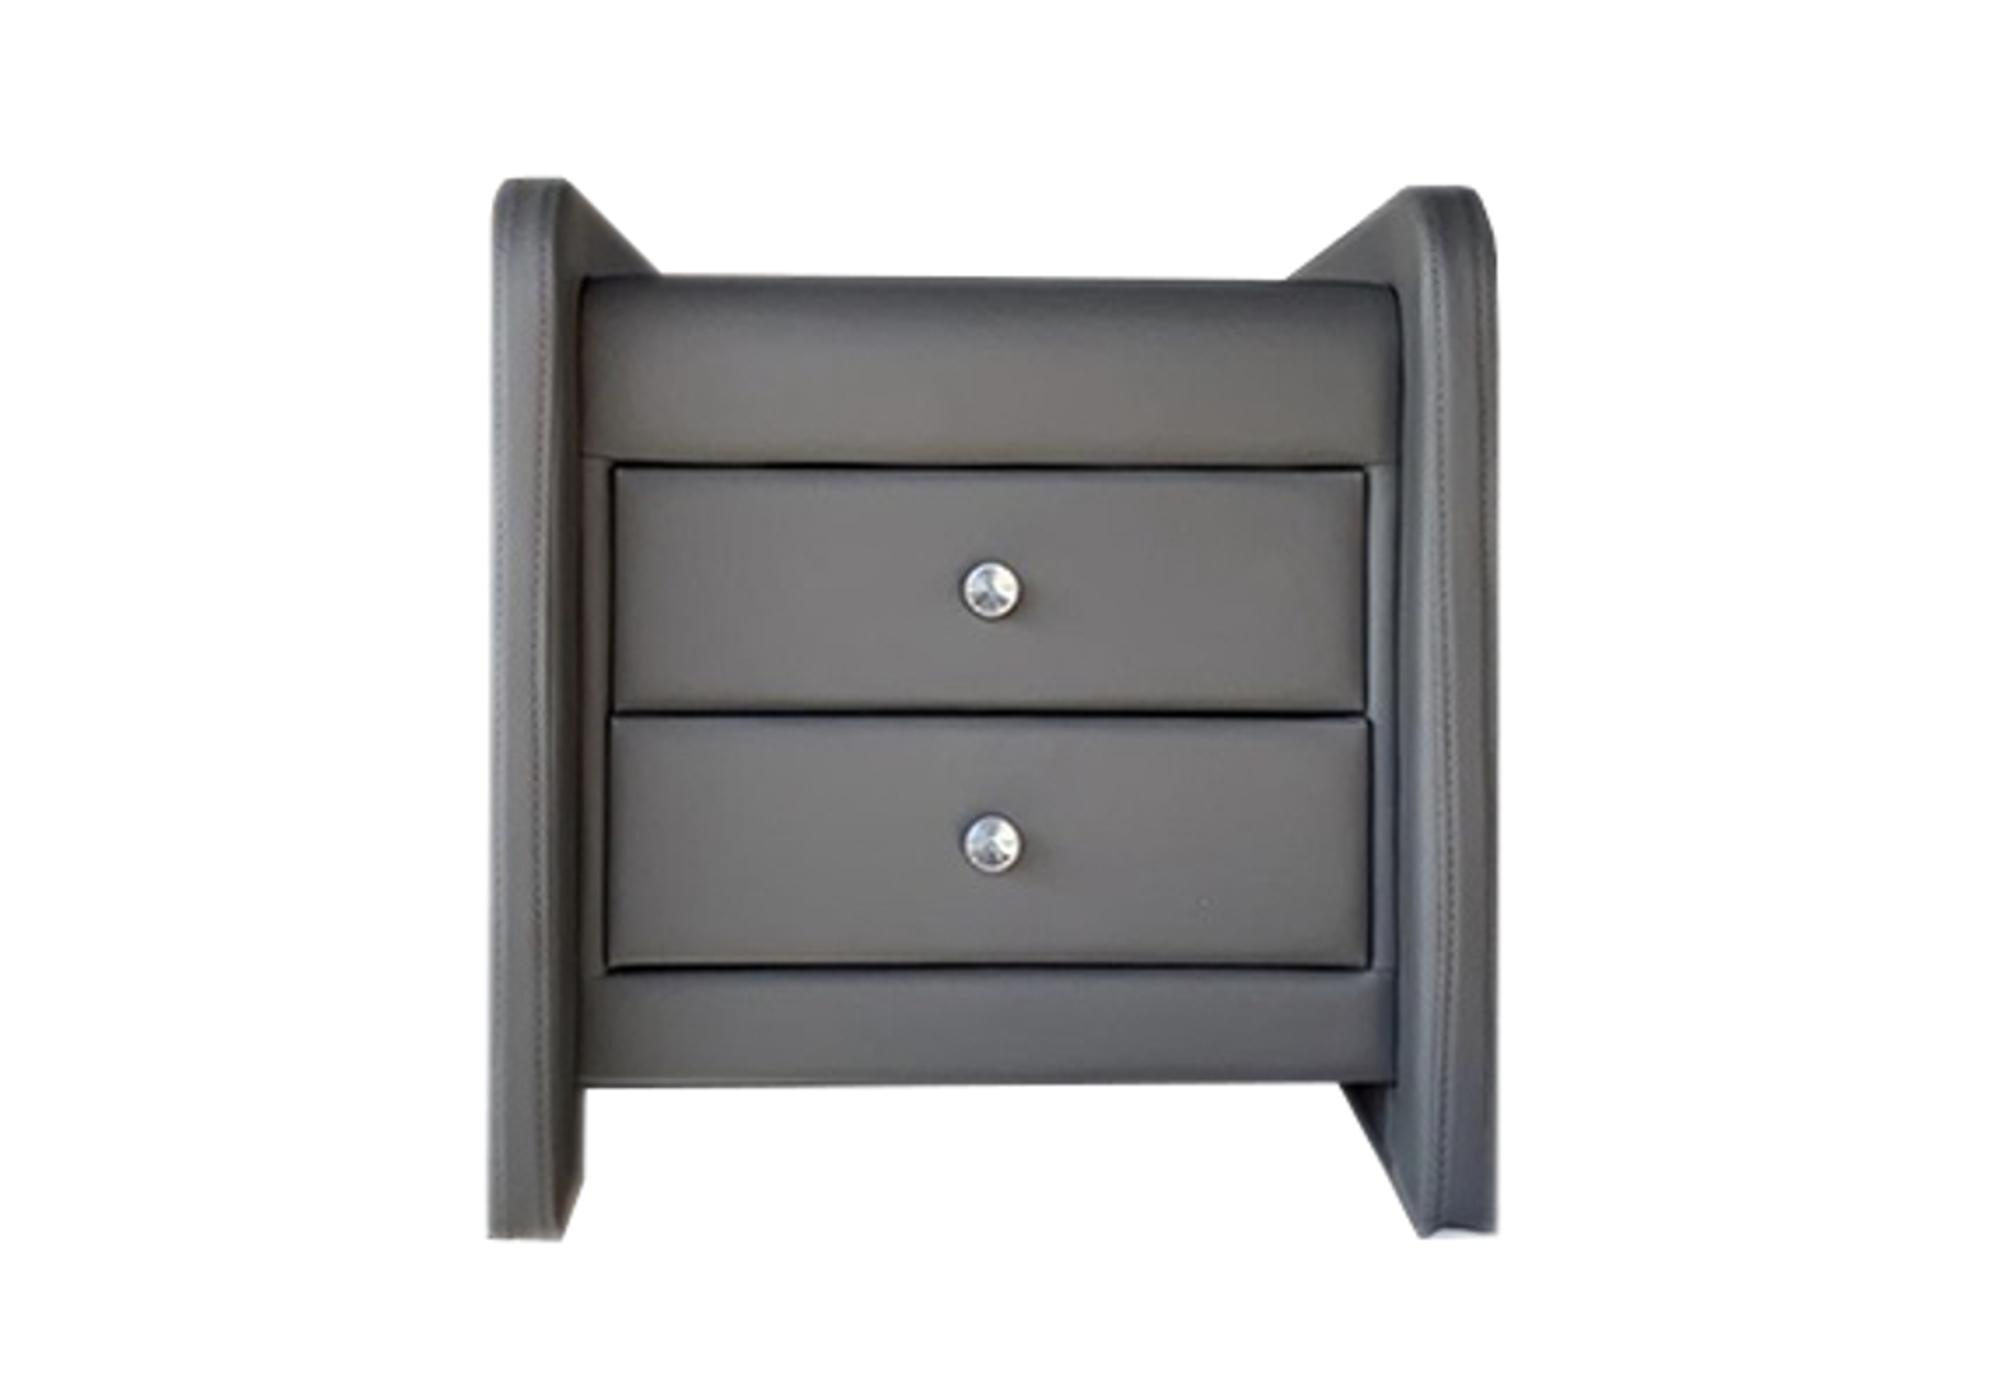 Table chevet design simili gris SOFT